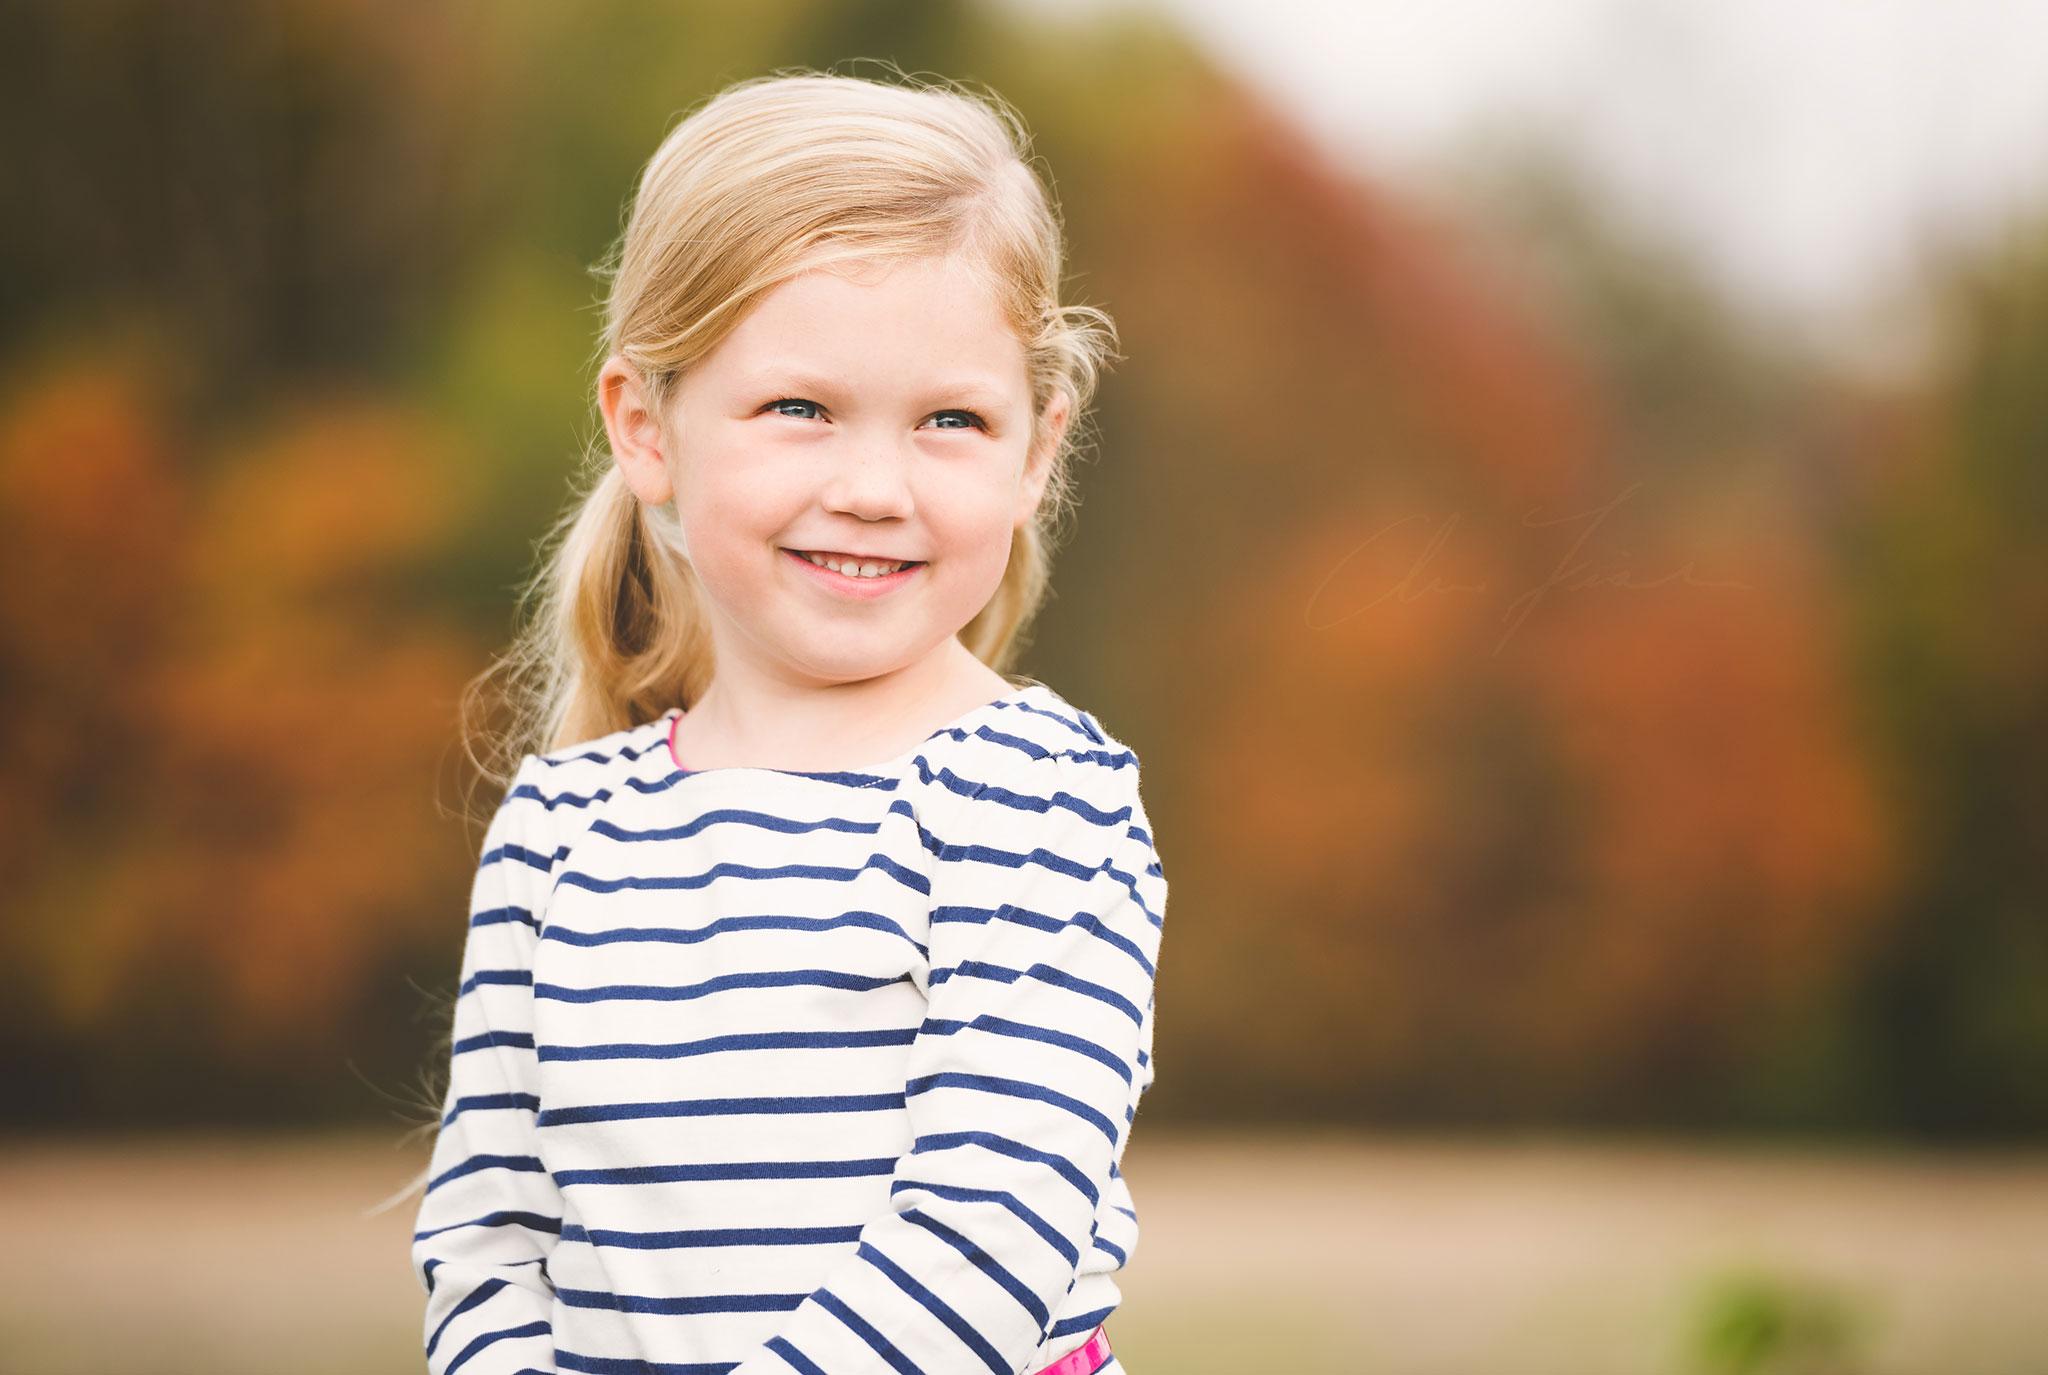 Denise-Family-Photos-Fall-2016-7.jpg